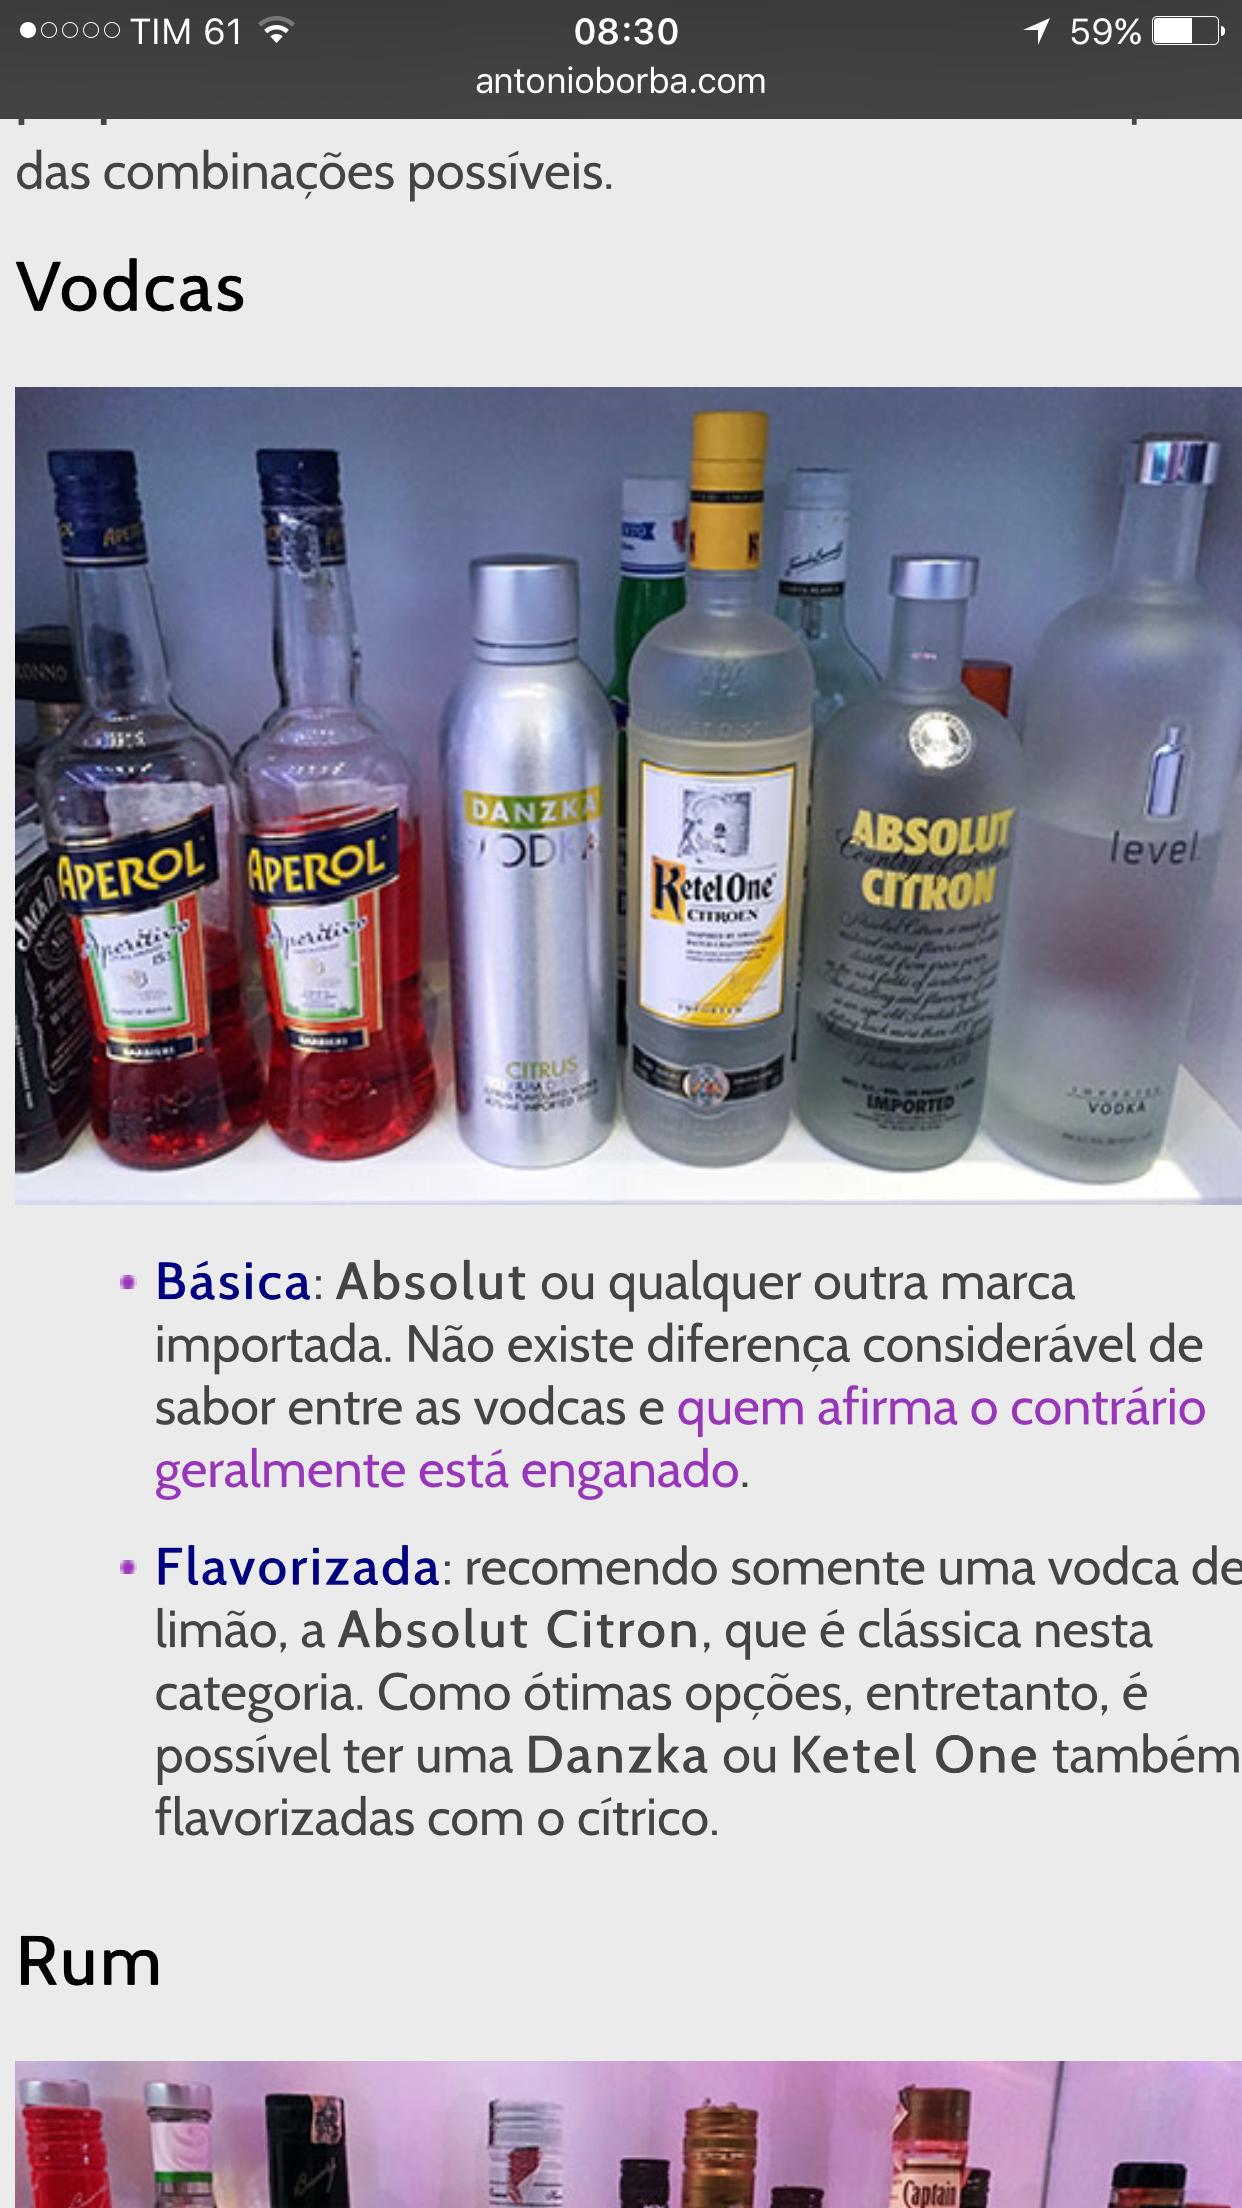 Pin by Joana Bicalho on Vinhos e Drinks